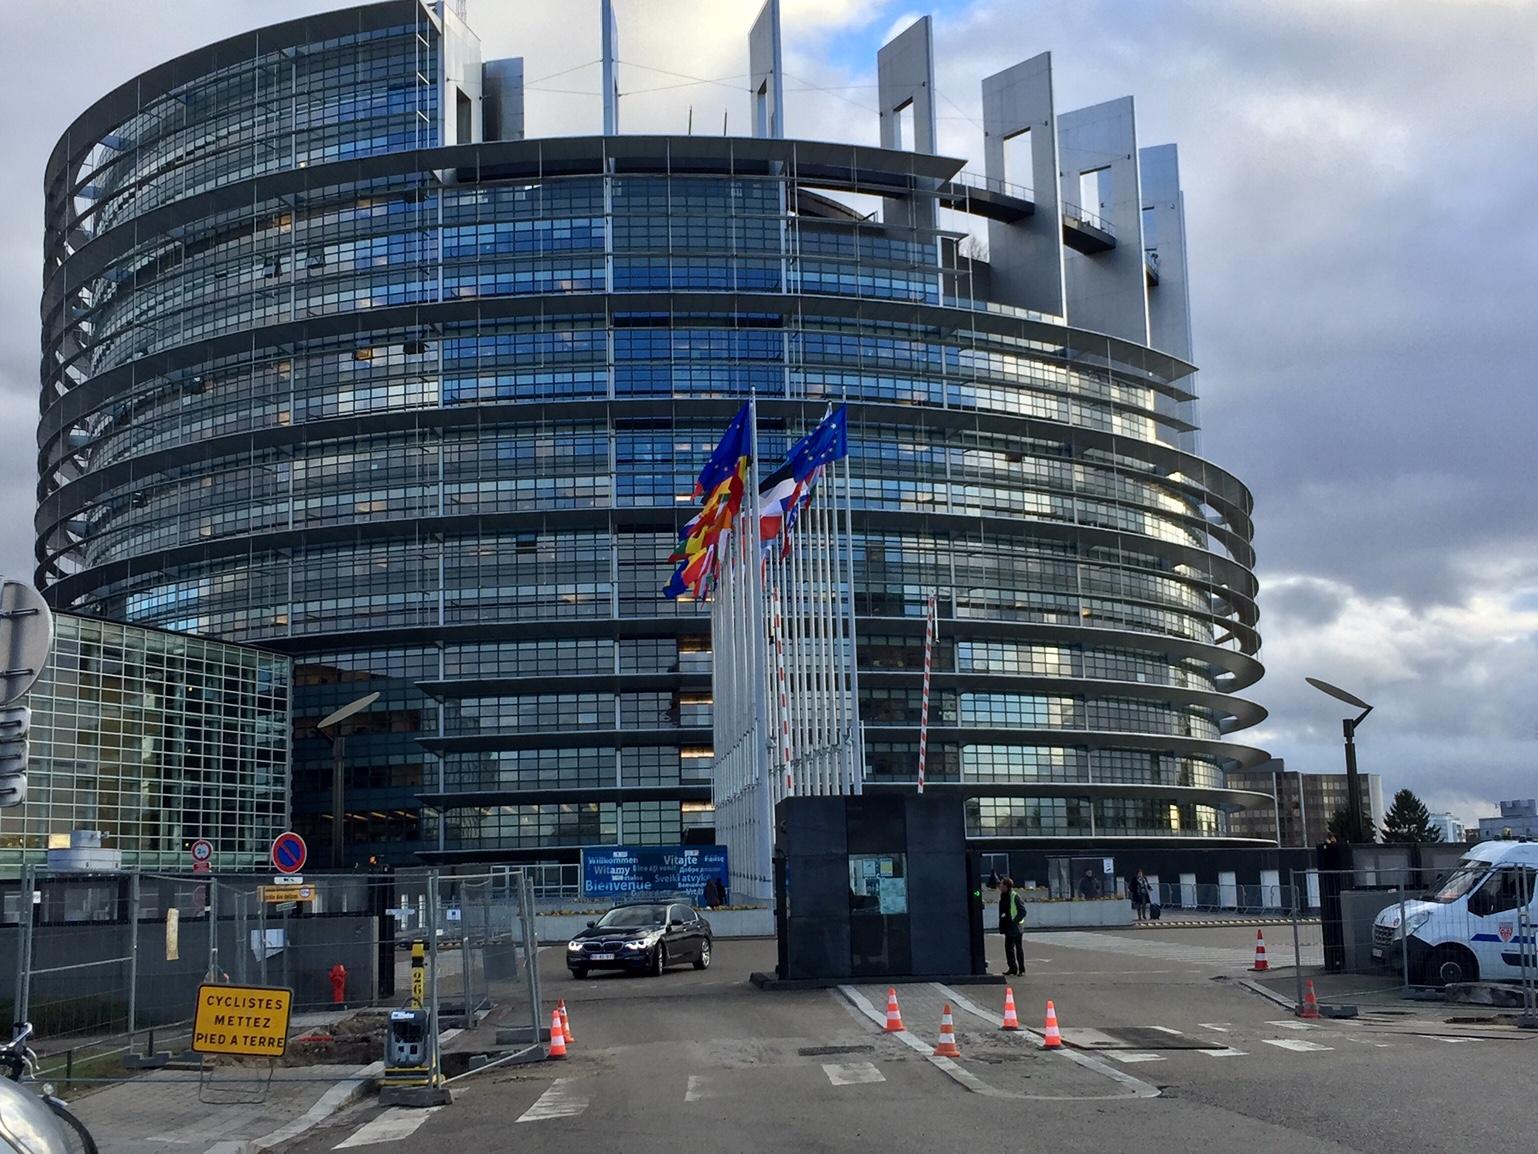 Unterwegs in  Straßburg. Diskussion im EU-Parlament. Mikwe besichtigt.